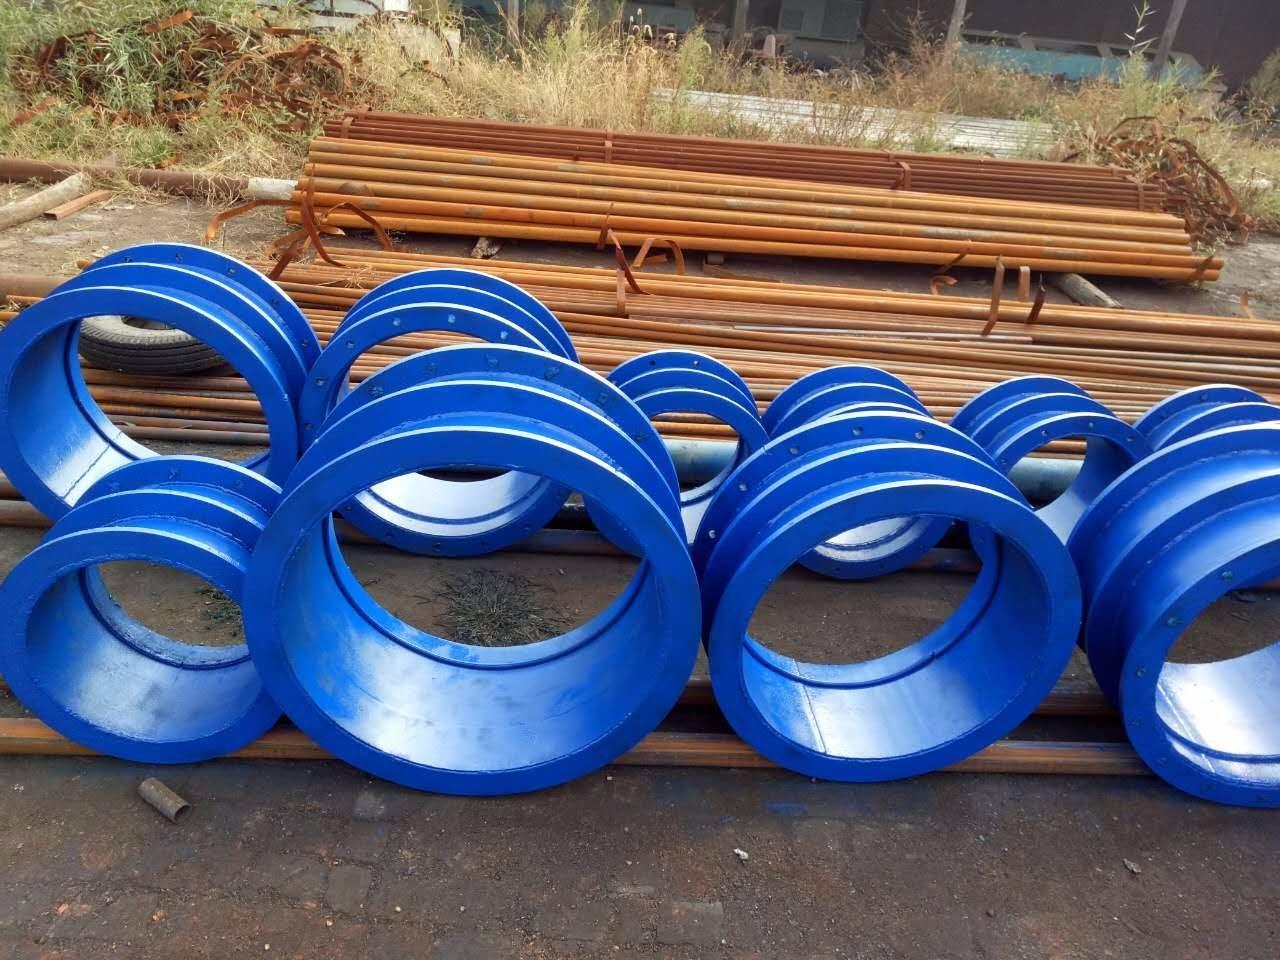 昆明柔性防水套管,昆明市柔性防水套管厂家,柔性防水套管